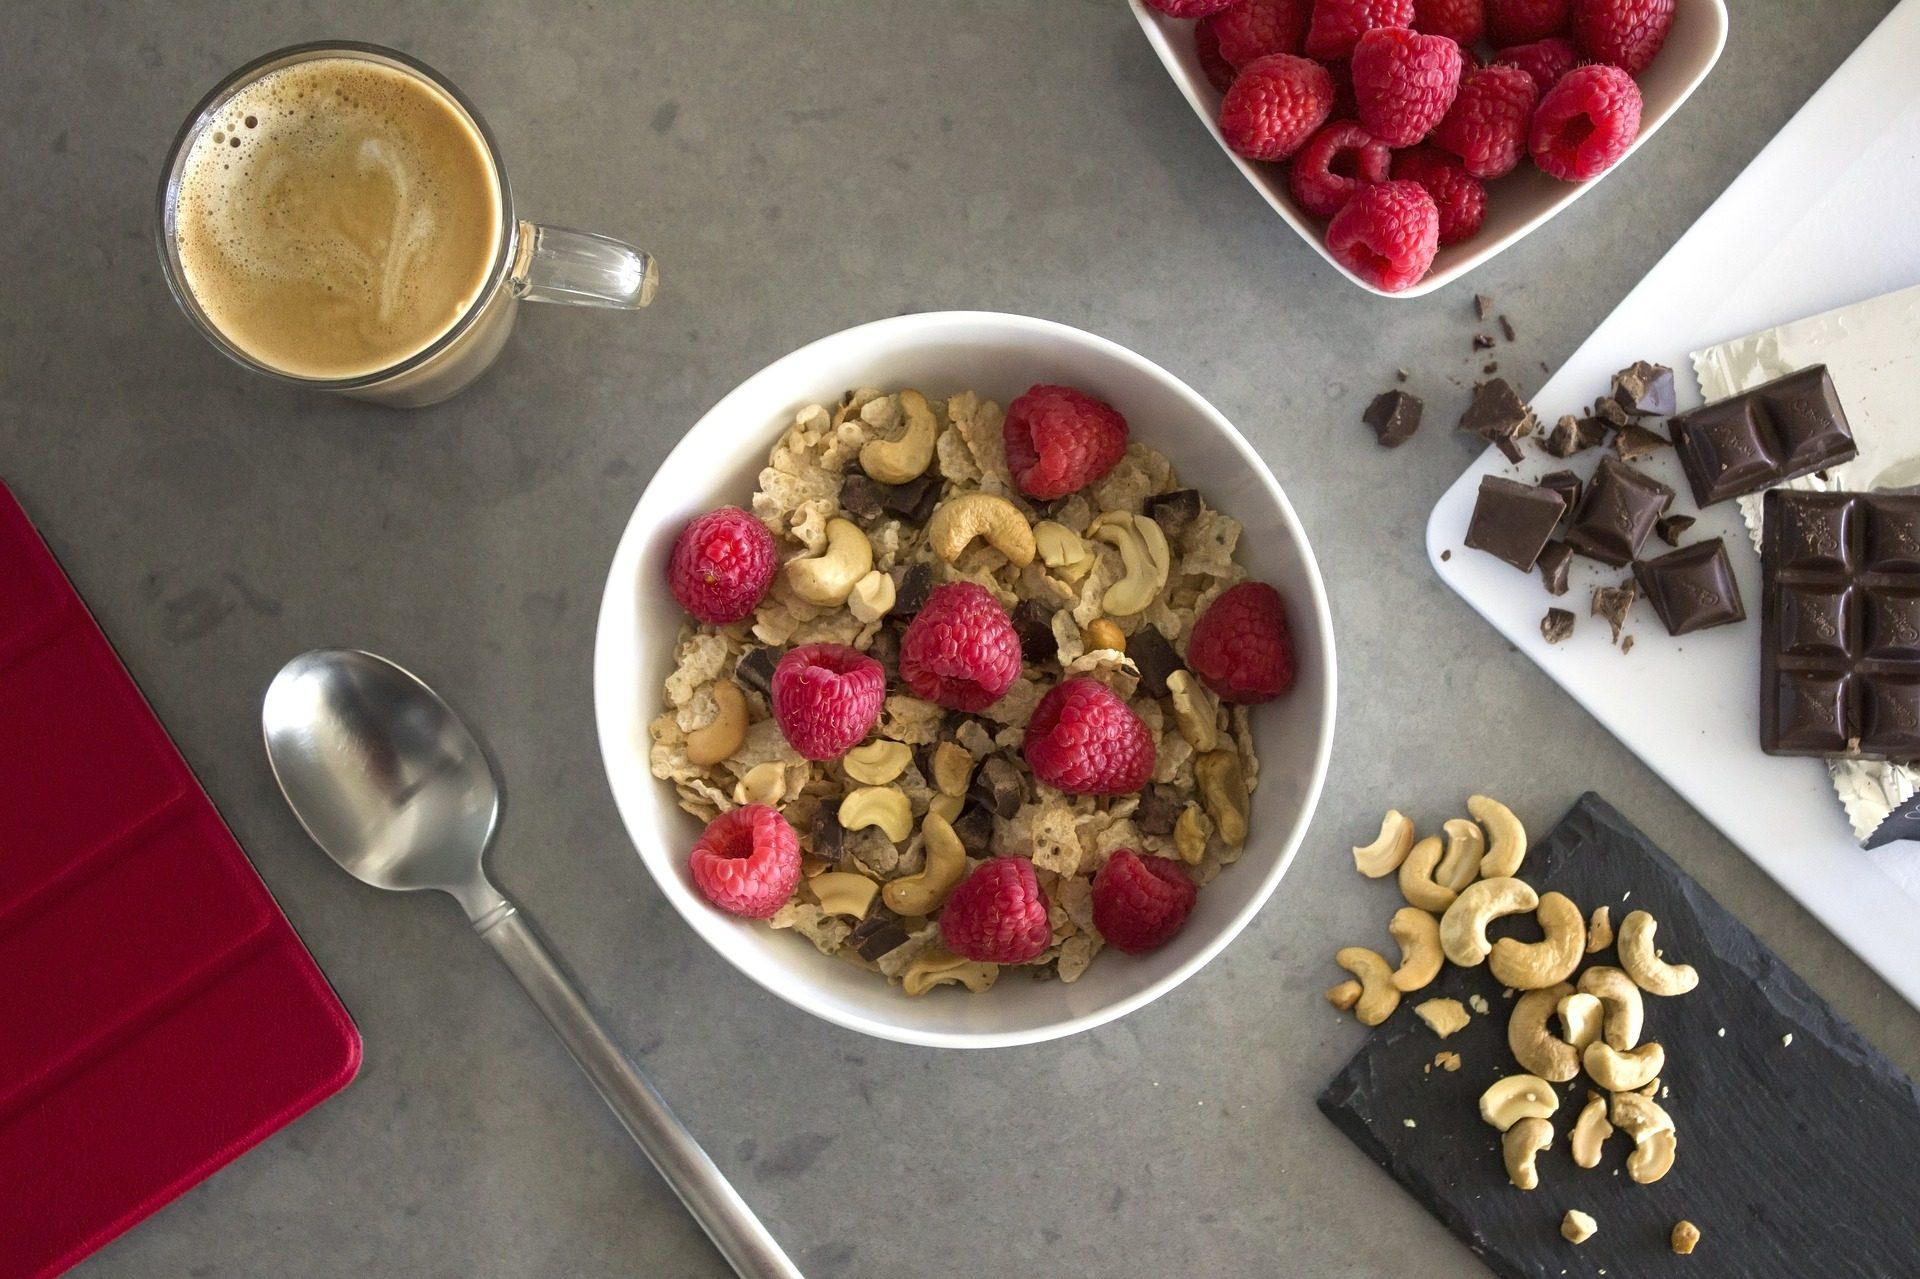 अनाज, काजू, जामुन, चॉकलेट, कॉफी, नाश्ता - HD वॉलपेपर - प्रोफेसर-falken.com